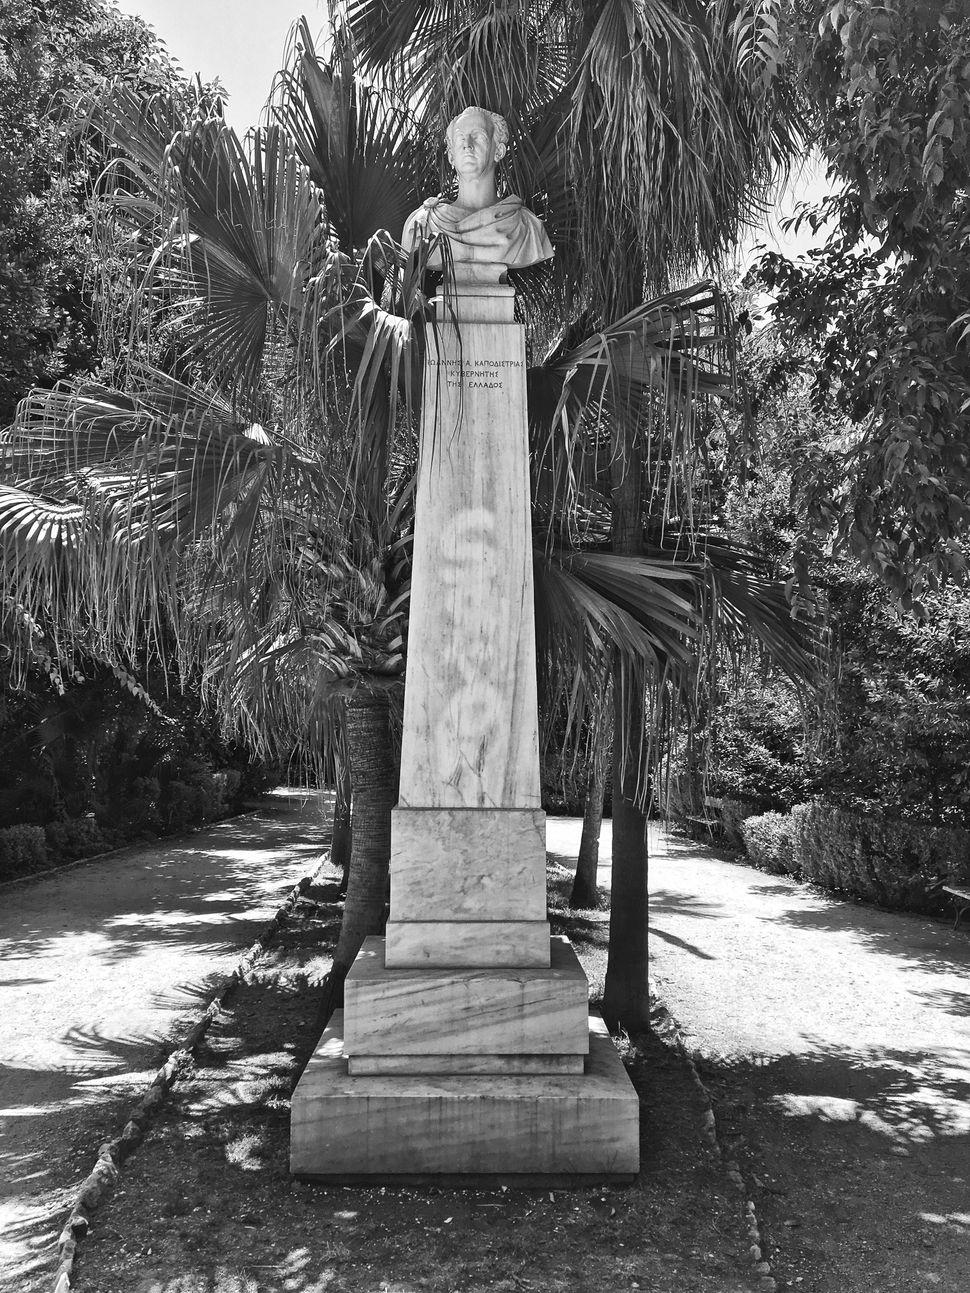 Ιωάννη Κόσσου,Ιωάννης Α. Καποδίστριας, 1866, μάρμαρο, Εθνικός Κήπος.